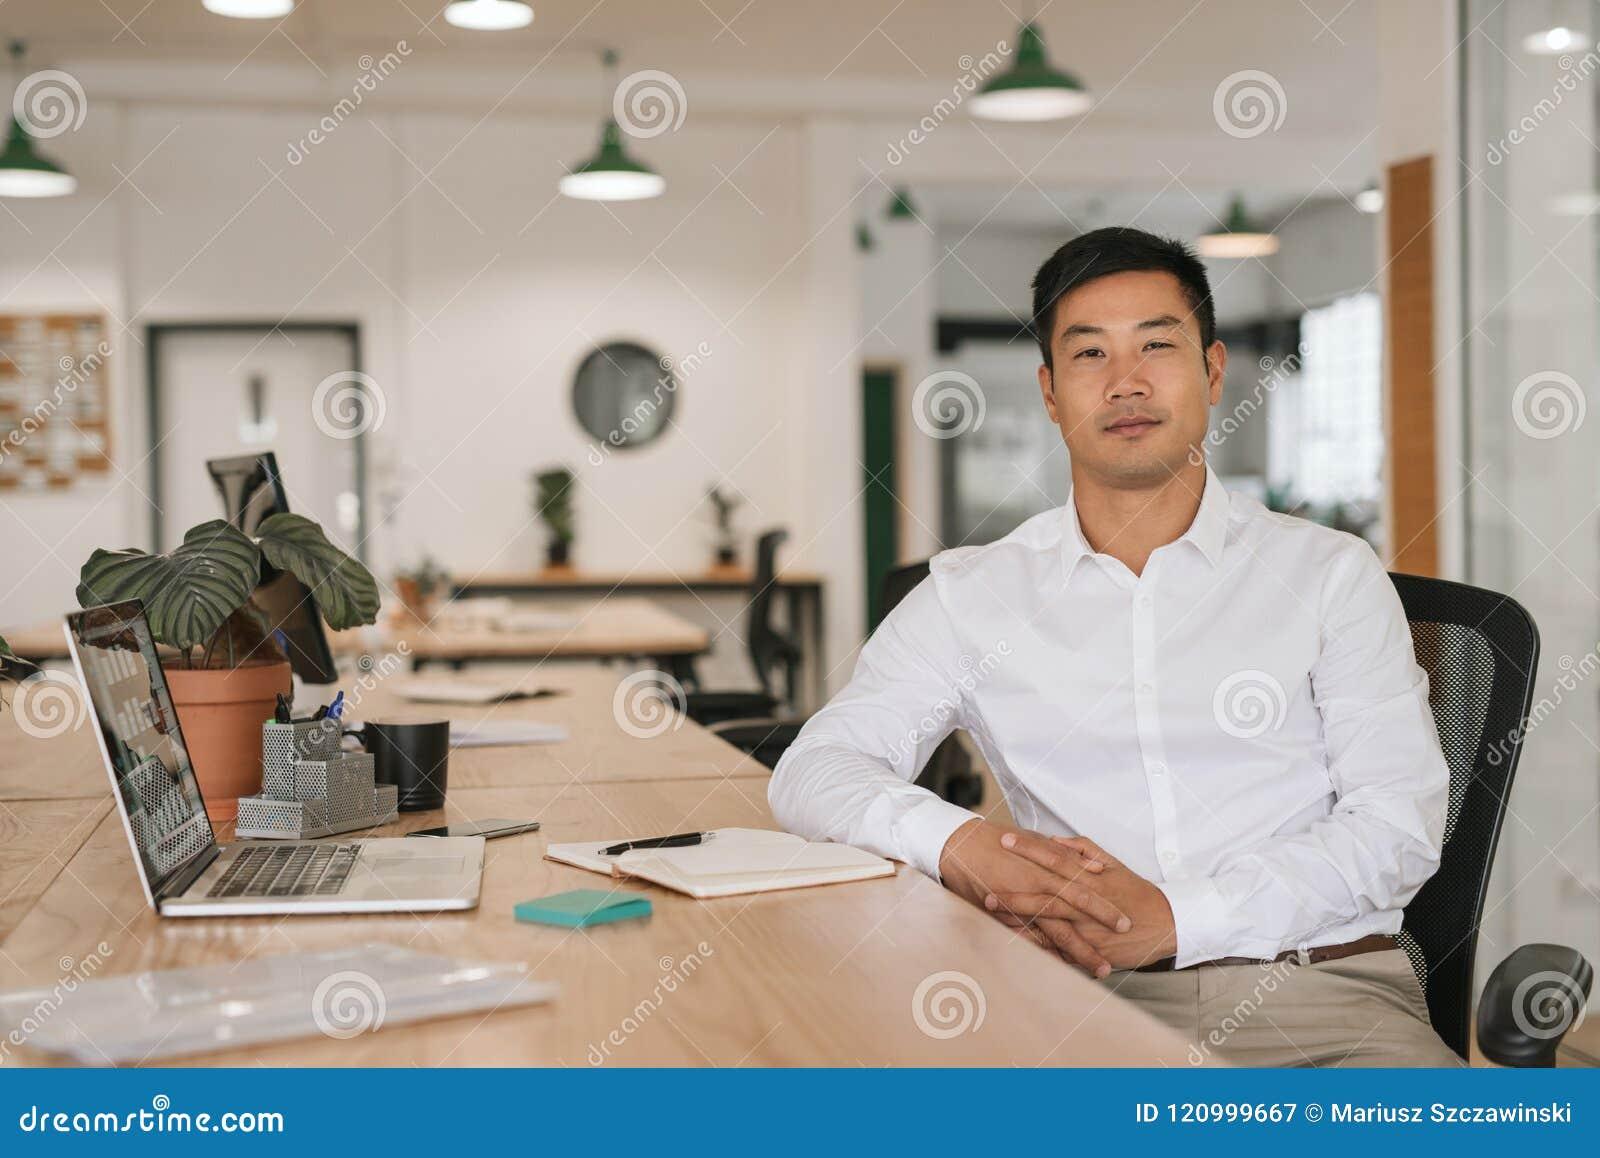 Überzeugter asiatischer Geschäftsmann, der an seinem Schreibtisch arbeitet